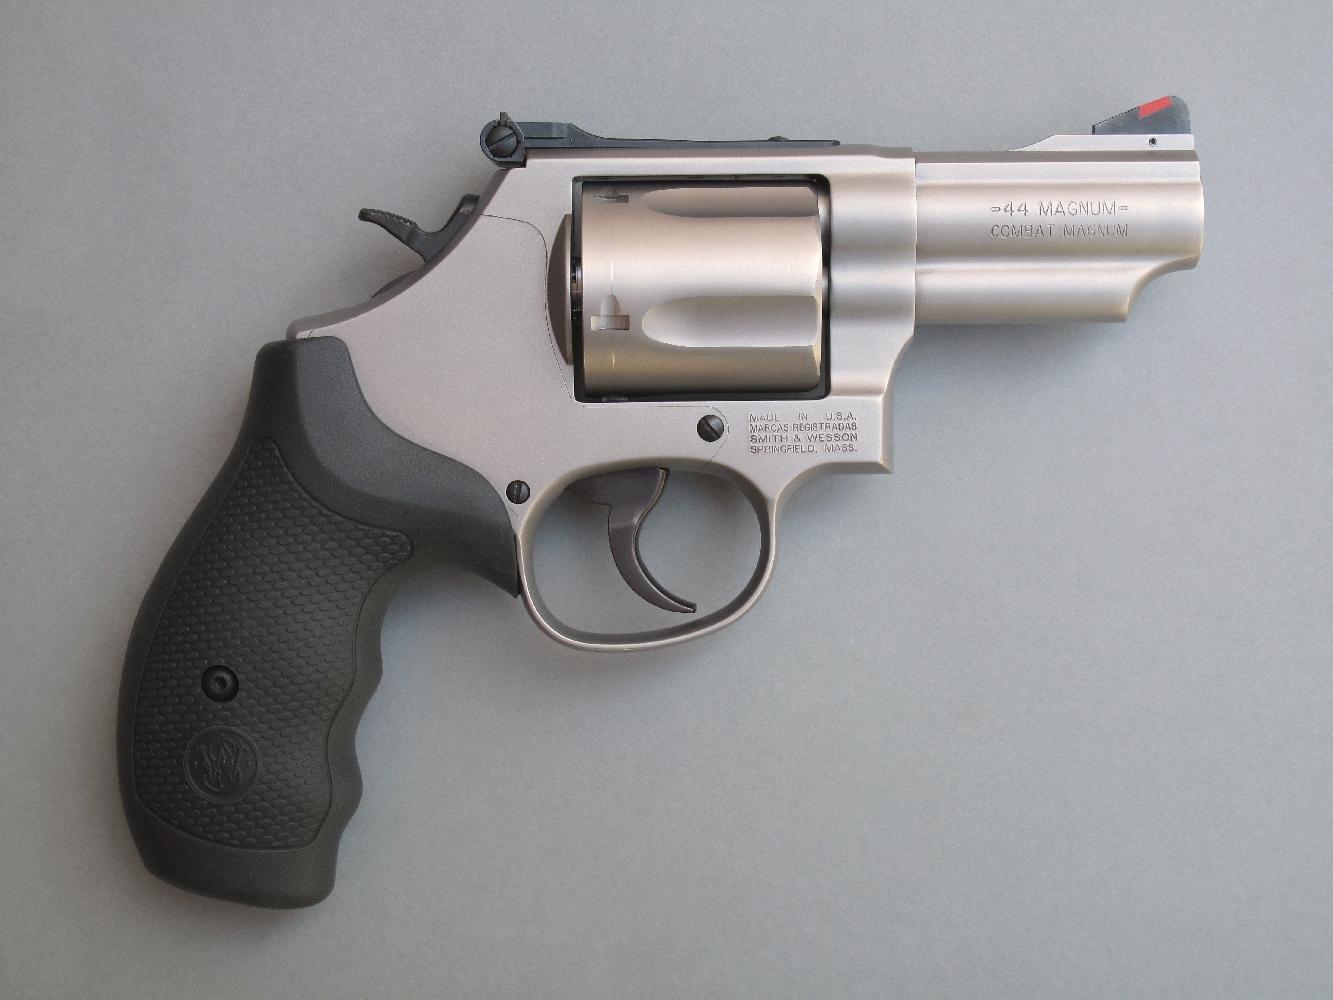 Le S&W modèle 69 dispose d'une platine sélective permettant le tir en simple ou en double action au gré de l'utilisateur et il bénéficie d'une hausse réglable associée à un guidon muni d'un insert coloré.